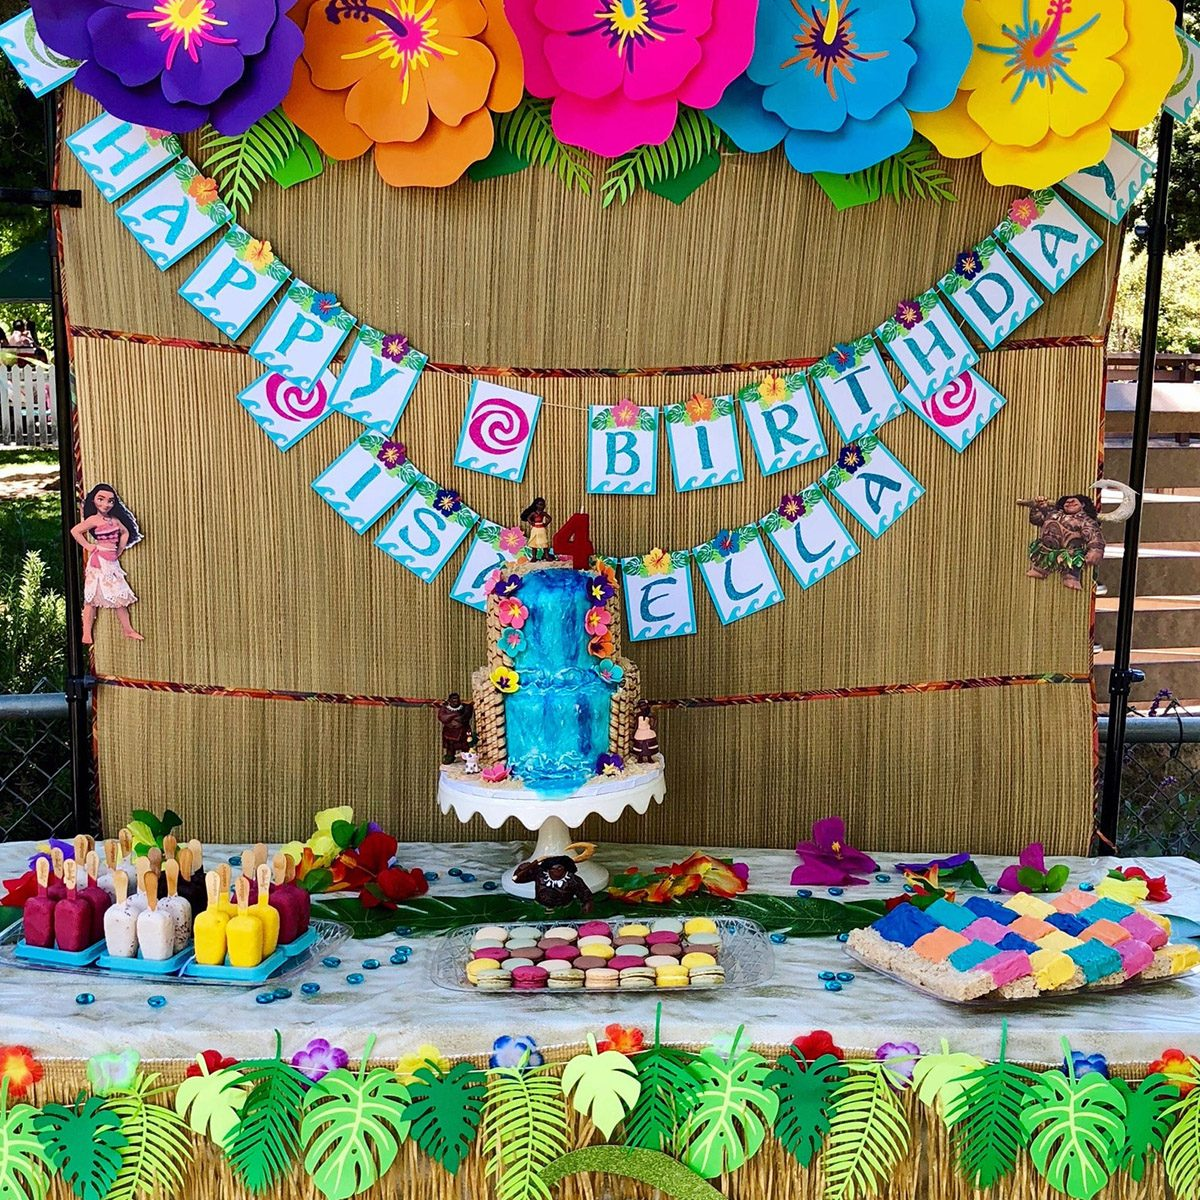 moana birthday